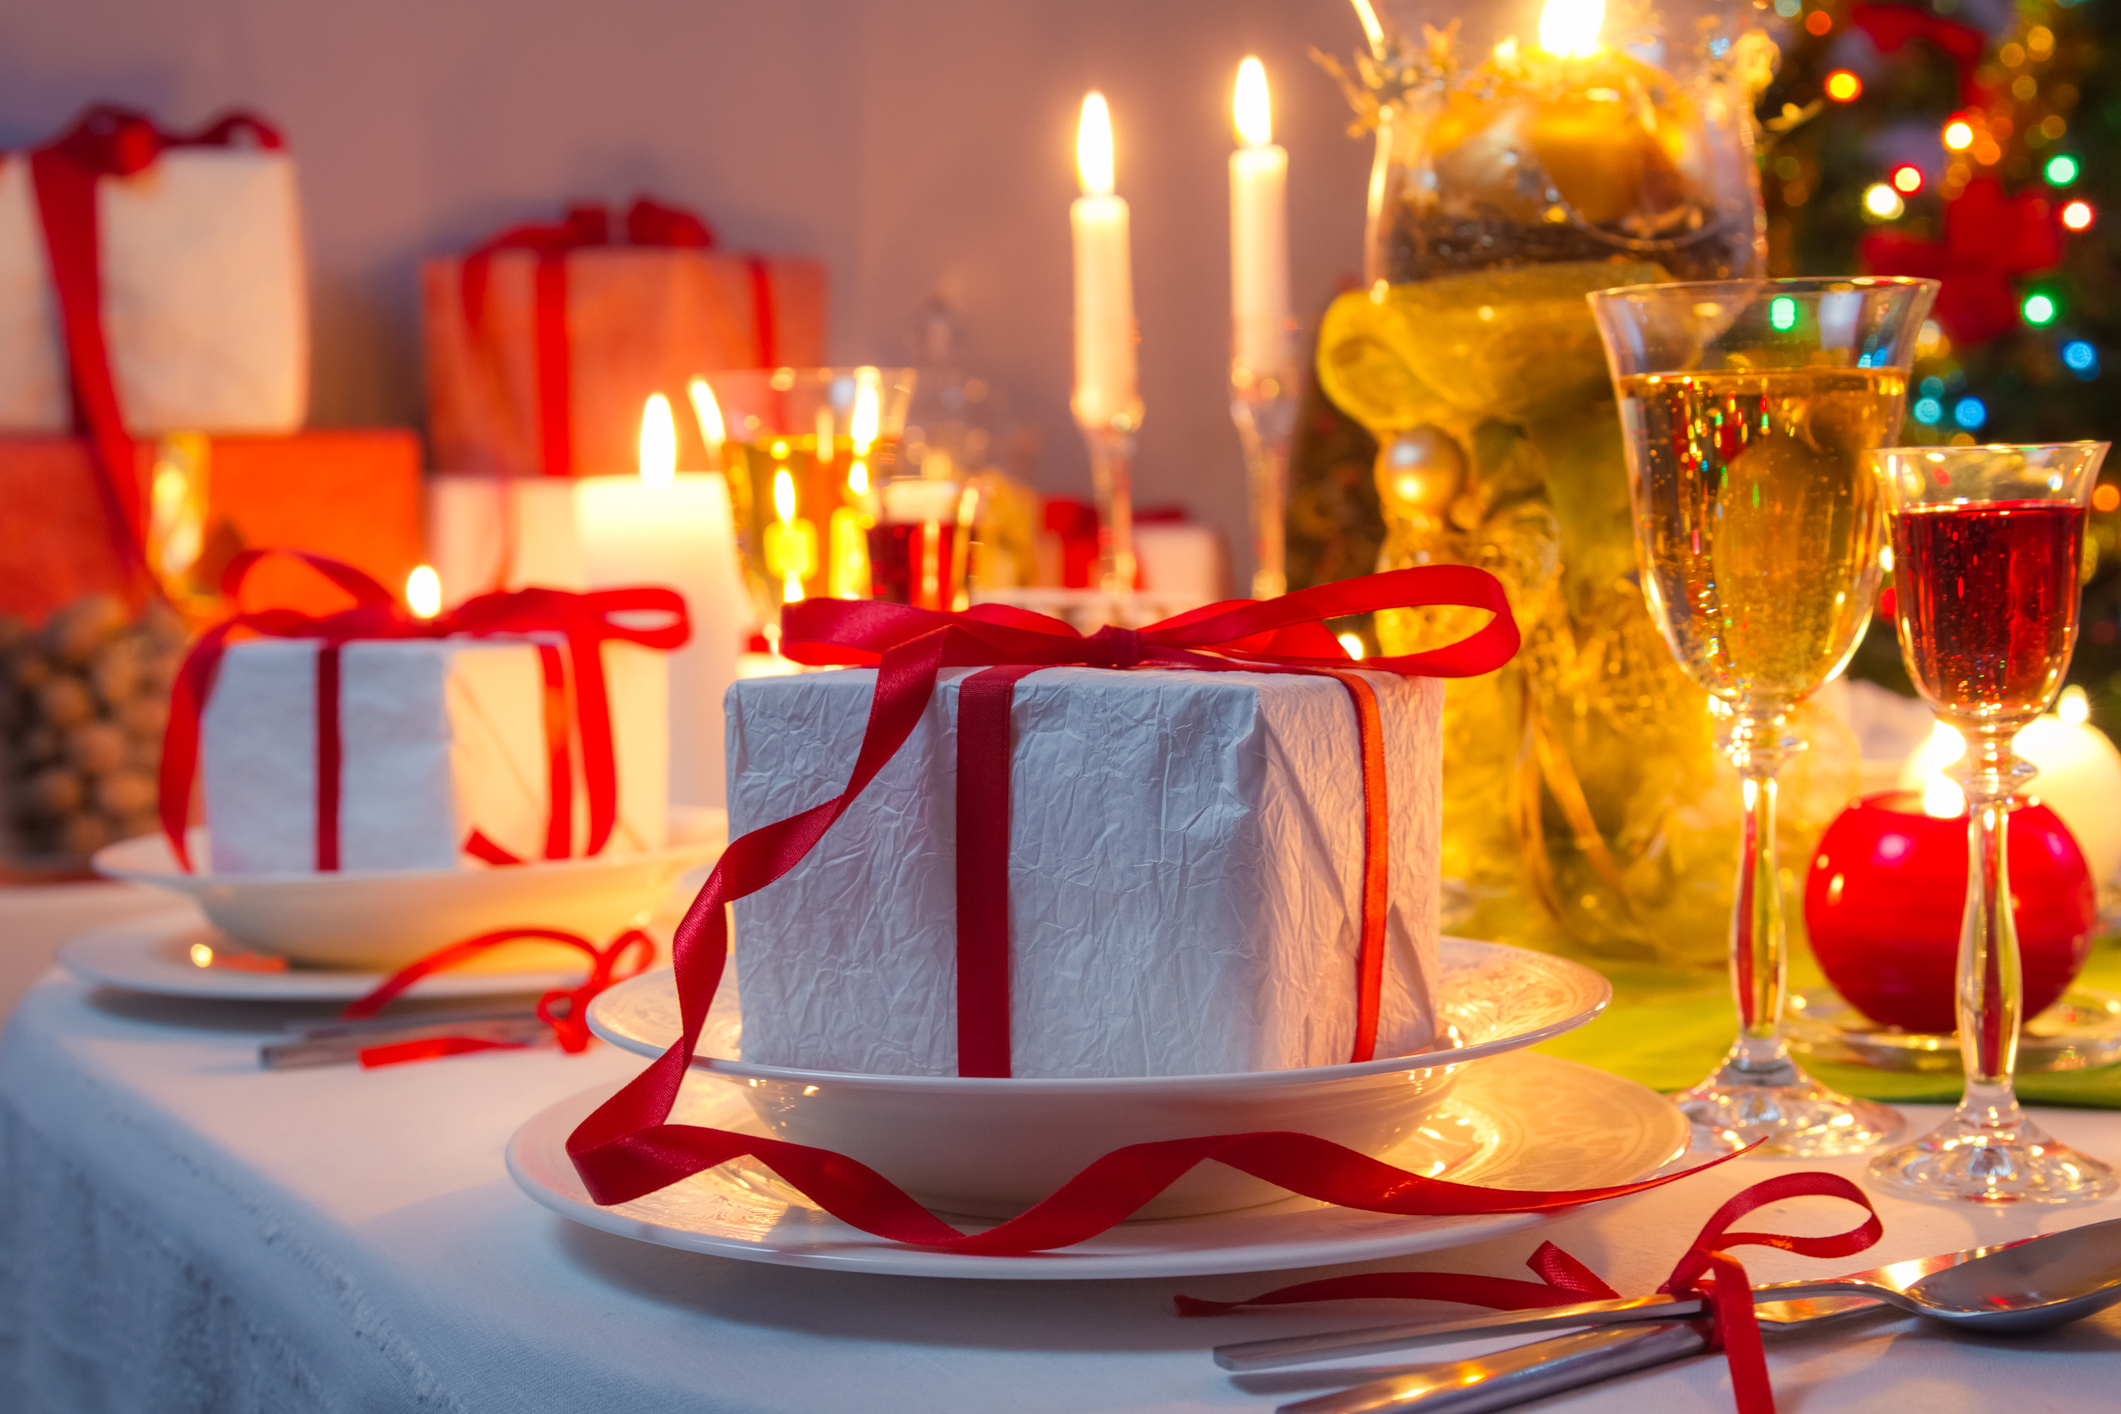 Mesa decorada para o Natal com lembrancinha posicionada sob os pratos